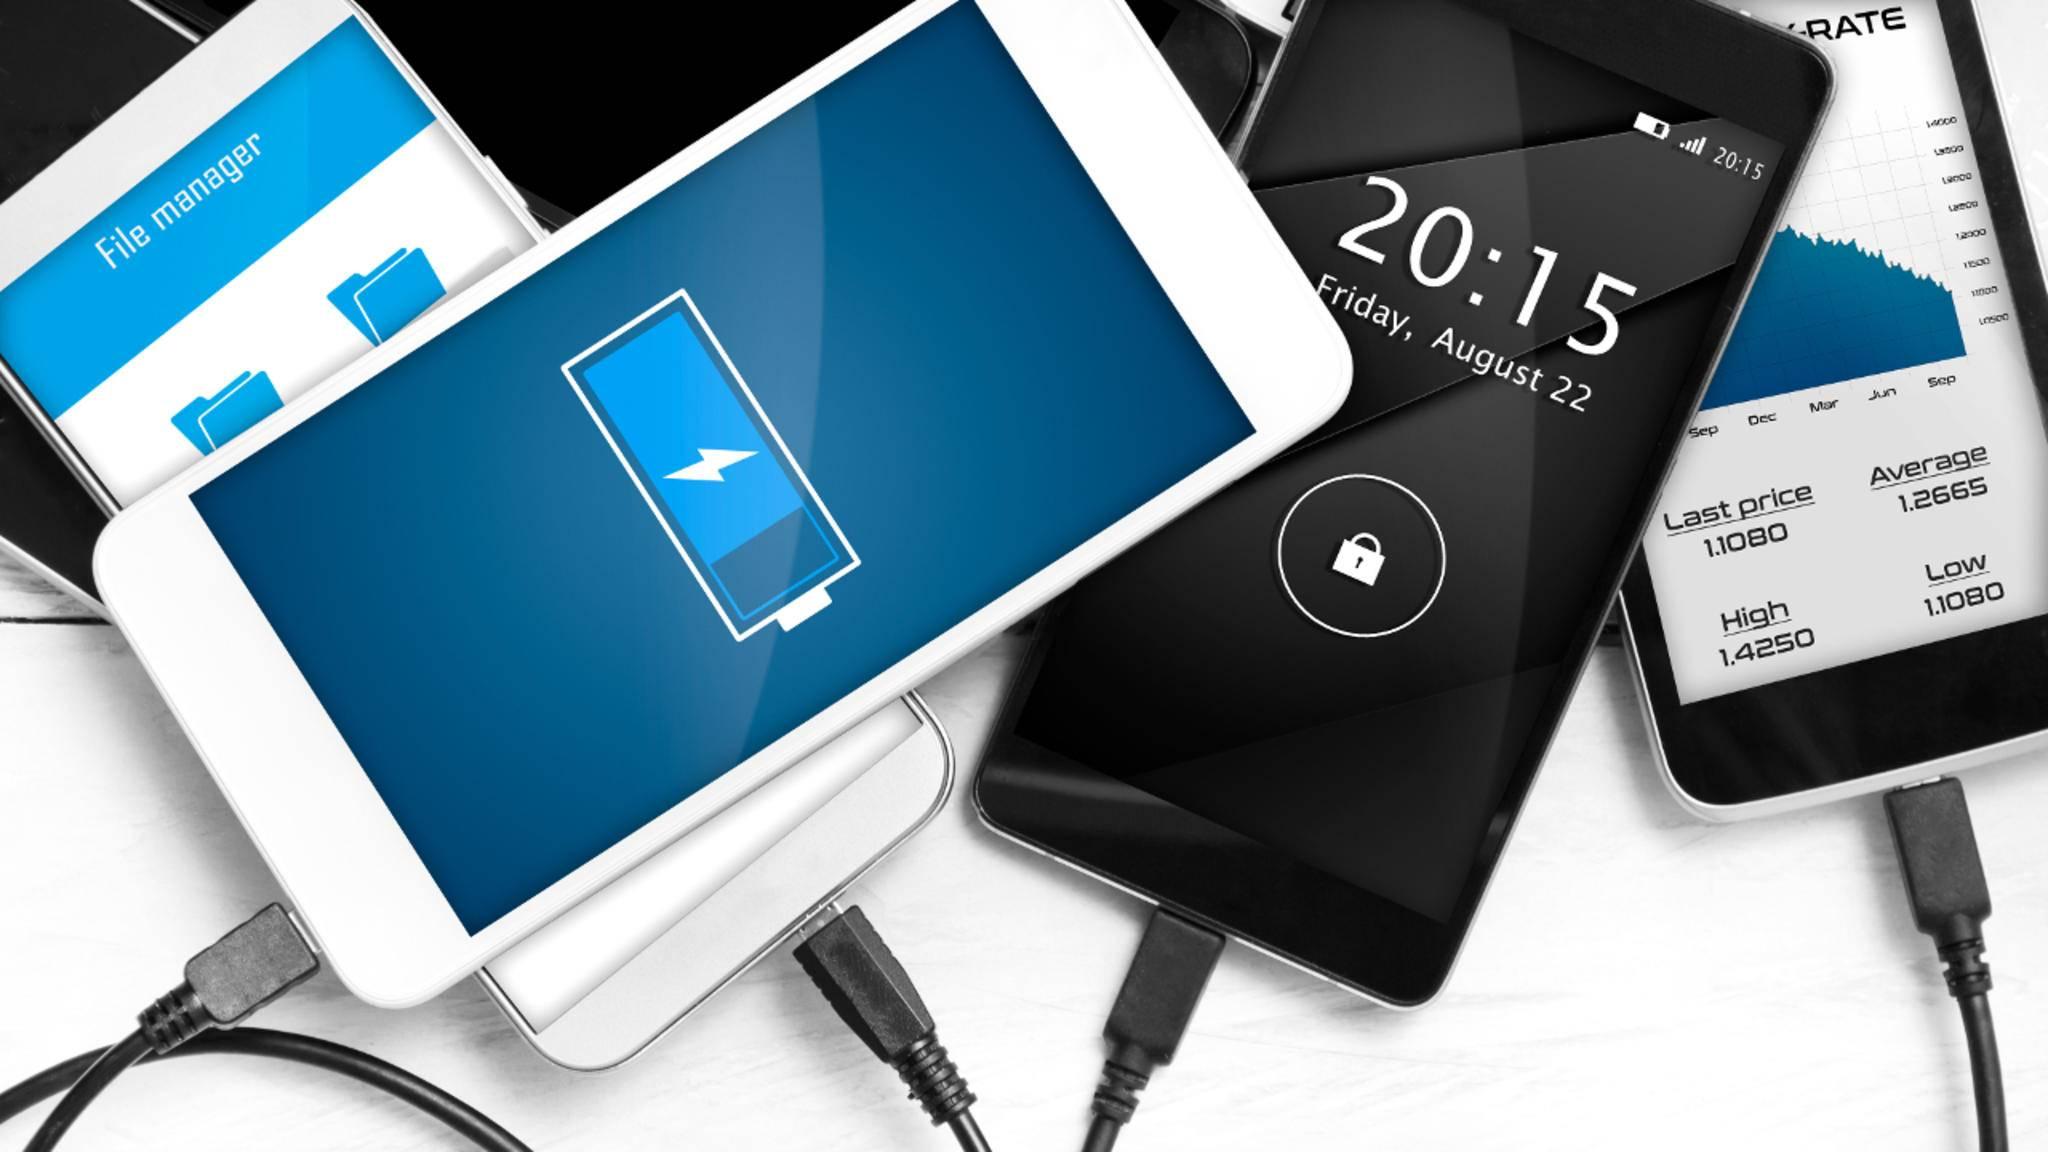 iPhone-Nutzer können mit iOS 11.3 die Drosselung abschalten.